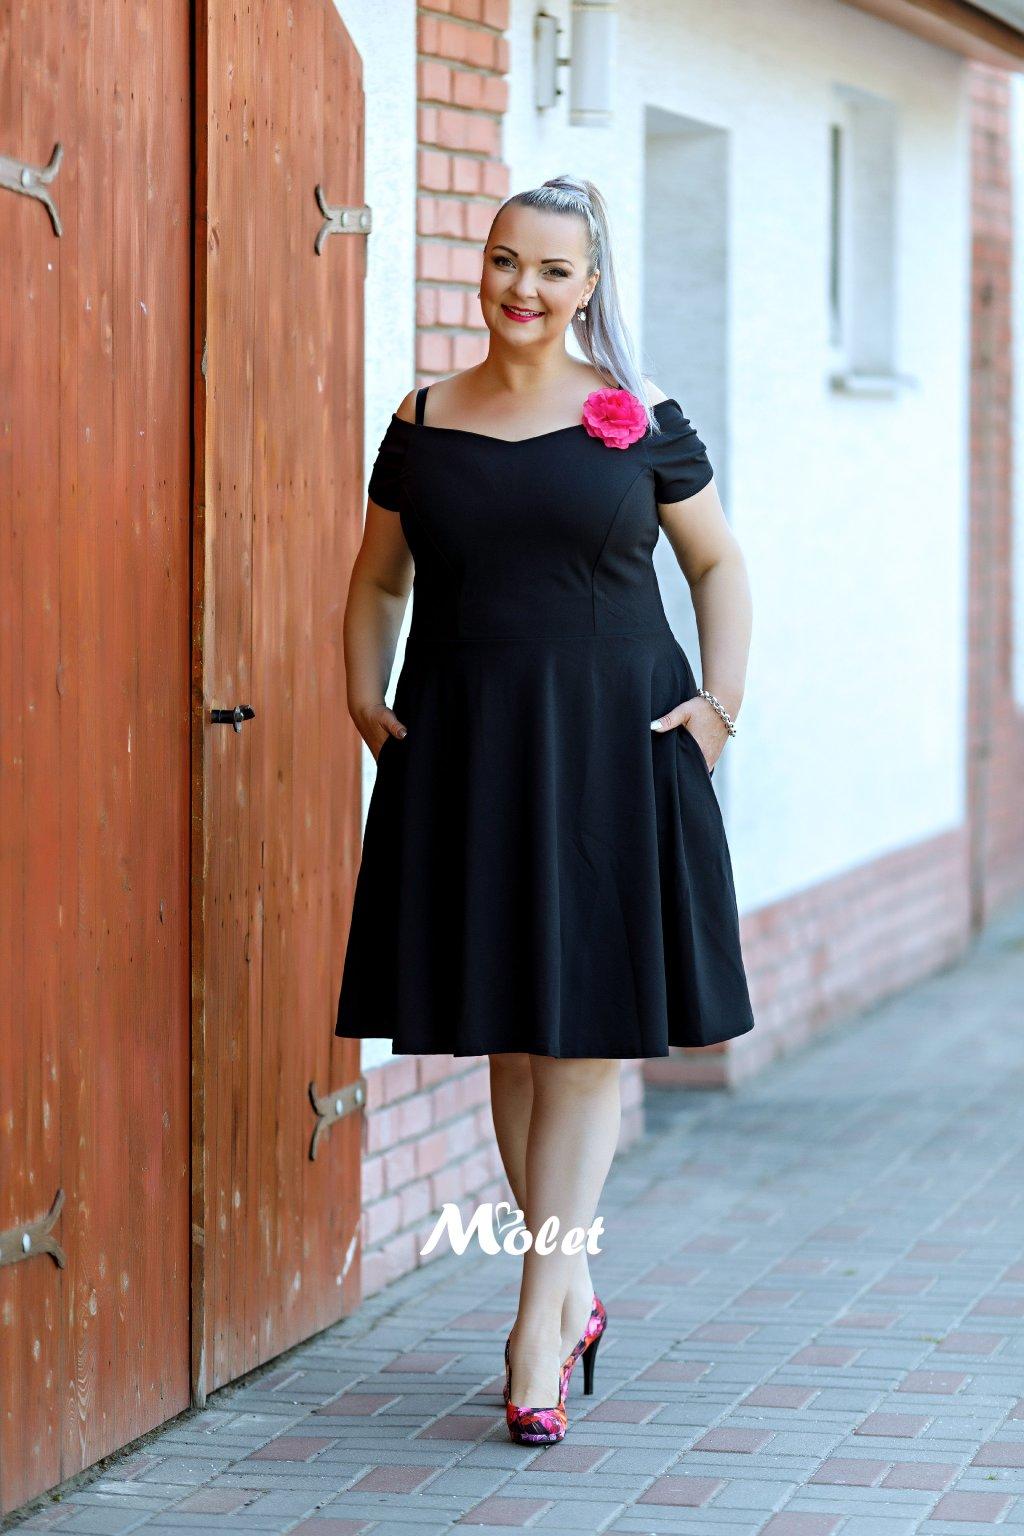 Honey černé šaty s kolovou sukní